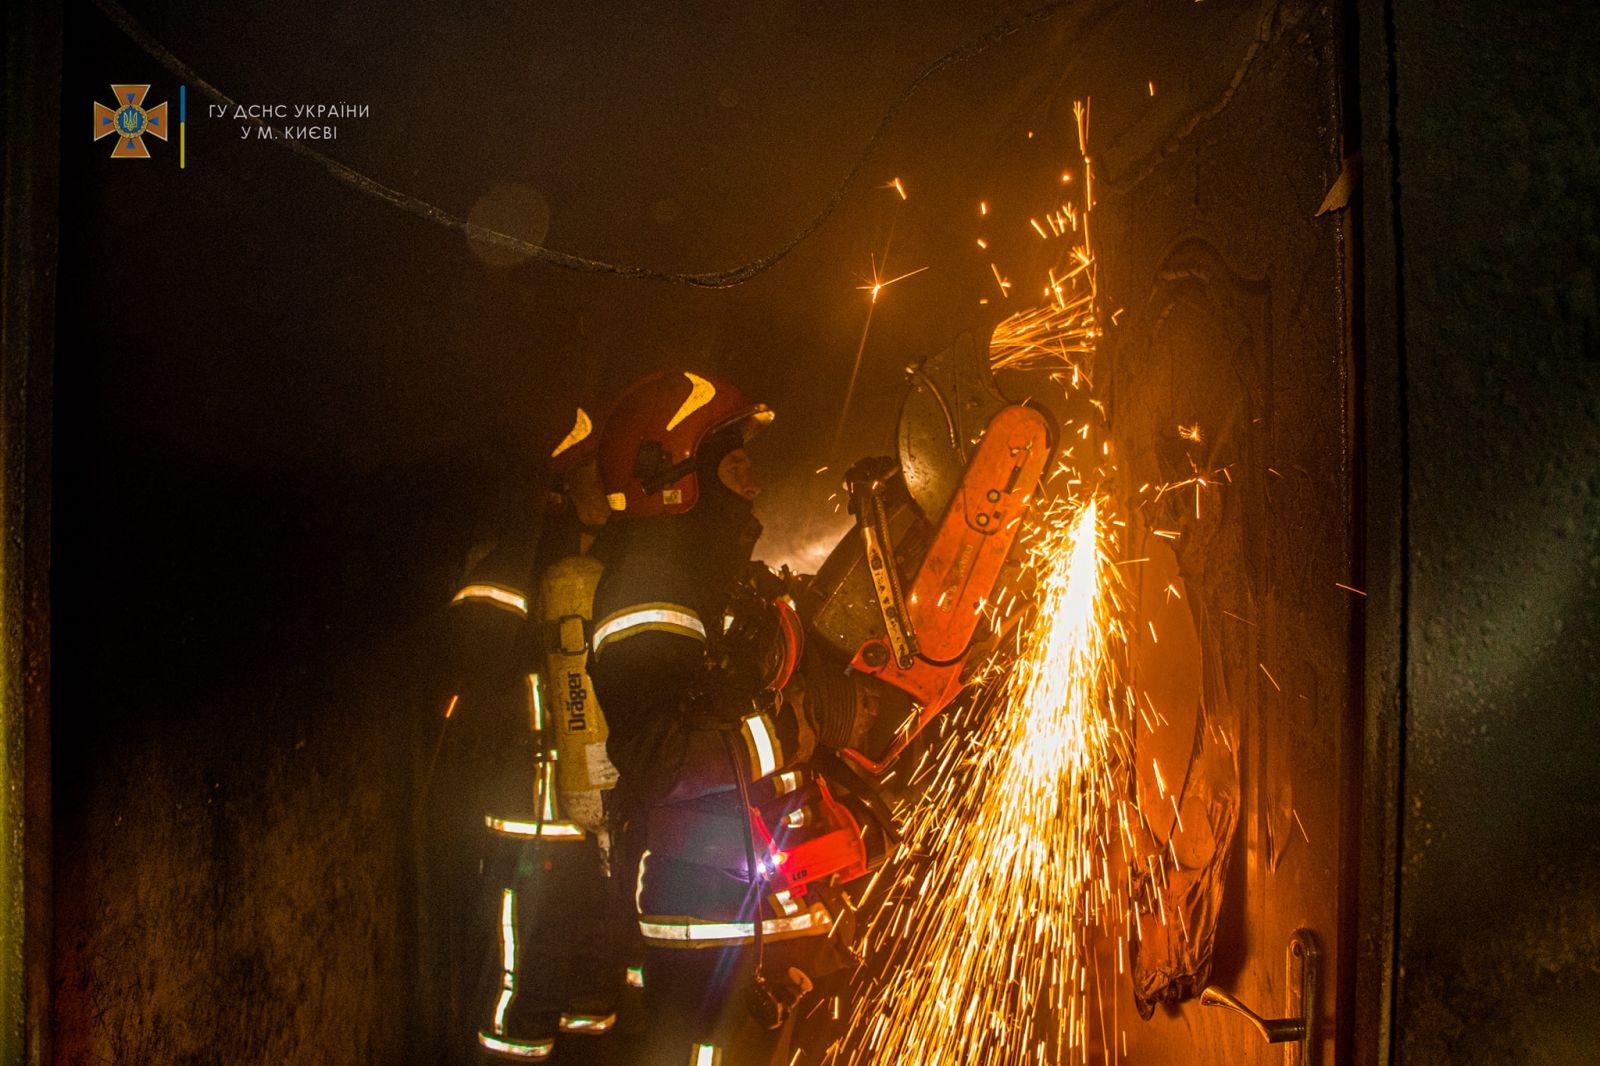 В Киеве ночью тушили крупный пожар в многоэтажке: погибла женщина. ФОТО